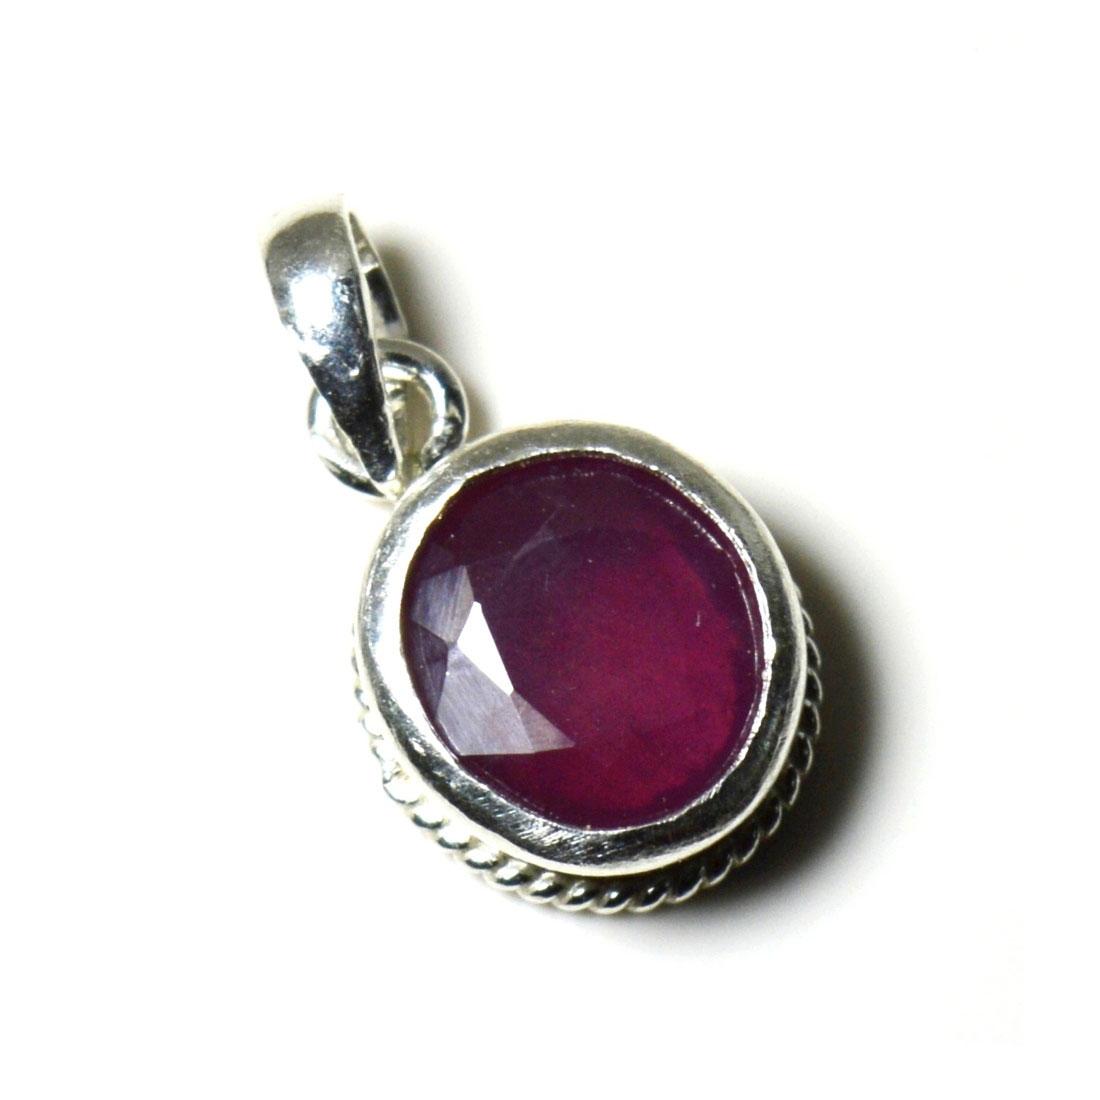 Echte-Rubin-925-Sterling-Silber-5-Karat-Anhanger-Charm-Halskette-roten-Schmuck Indexbild 3